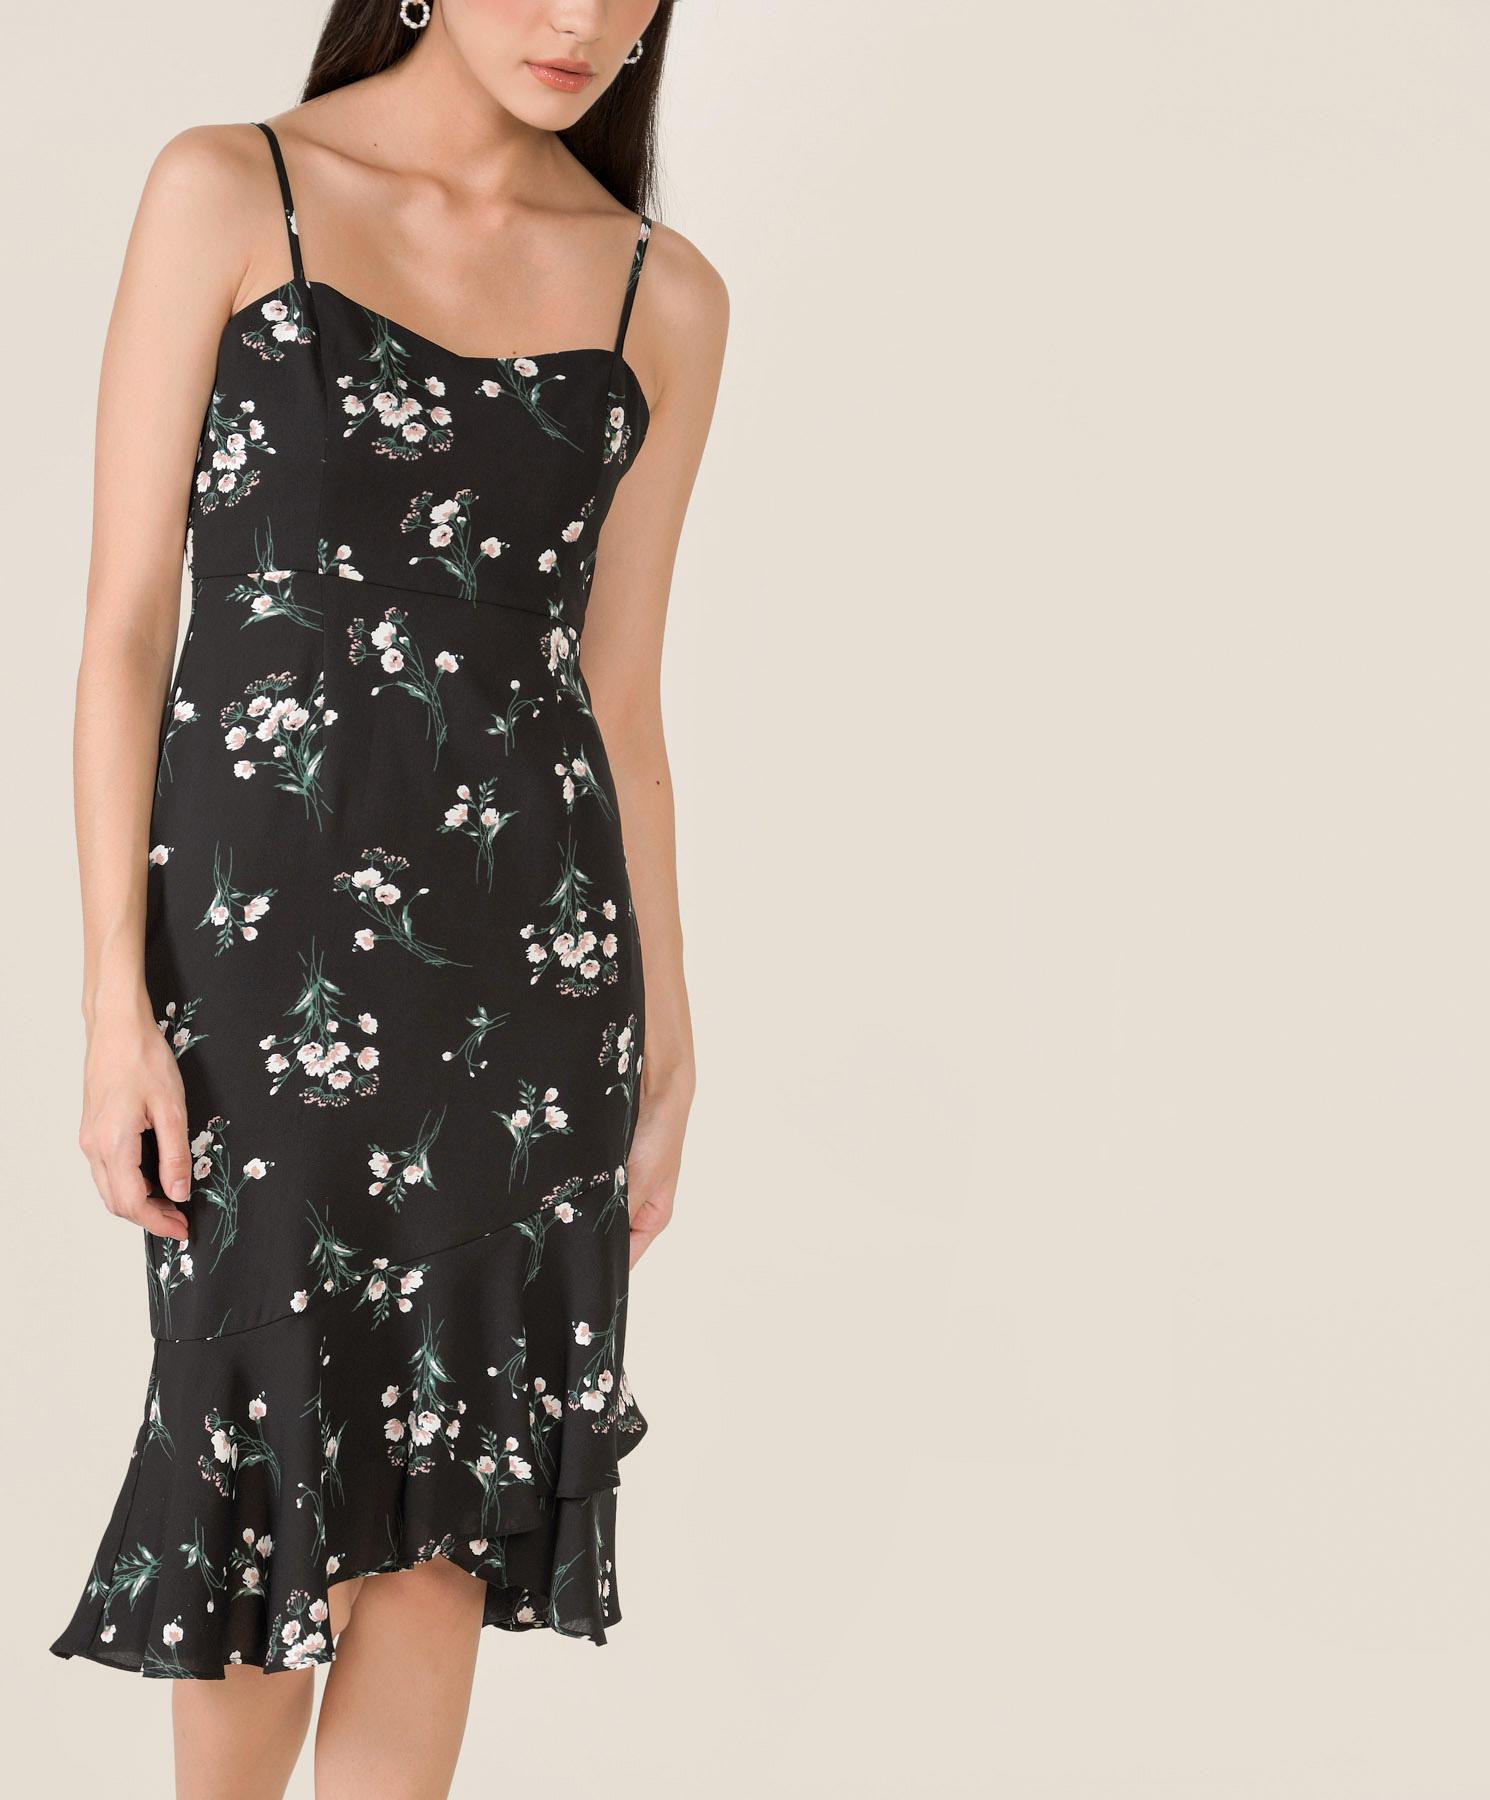 artemis-floral-mermaid-midi-dress-black-1